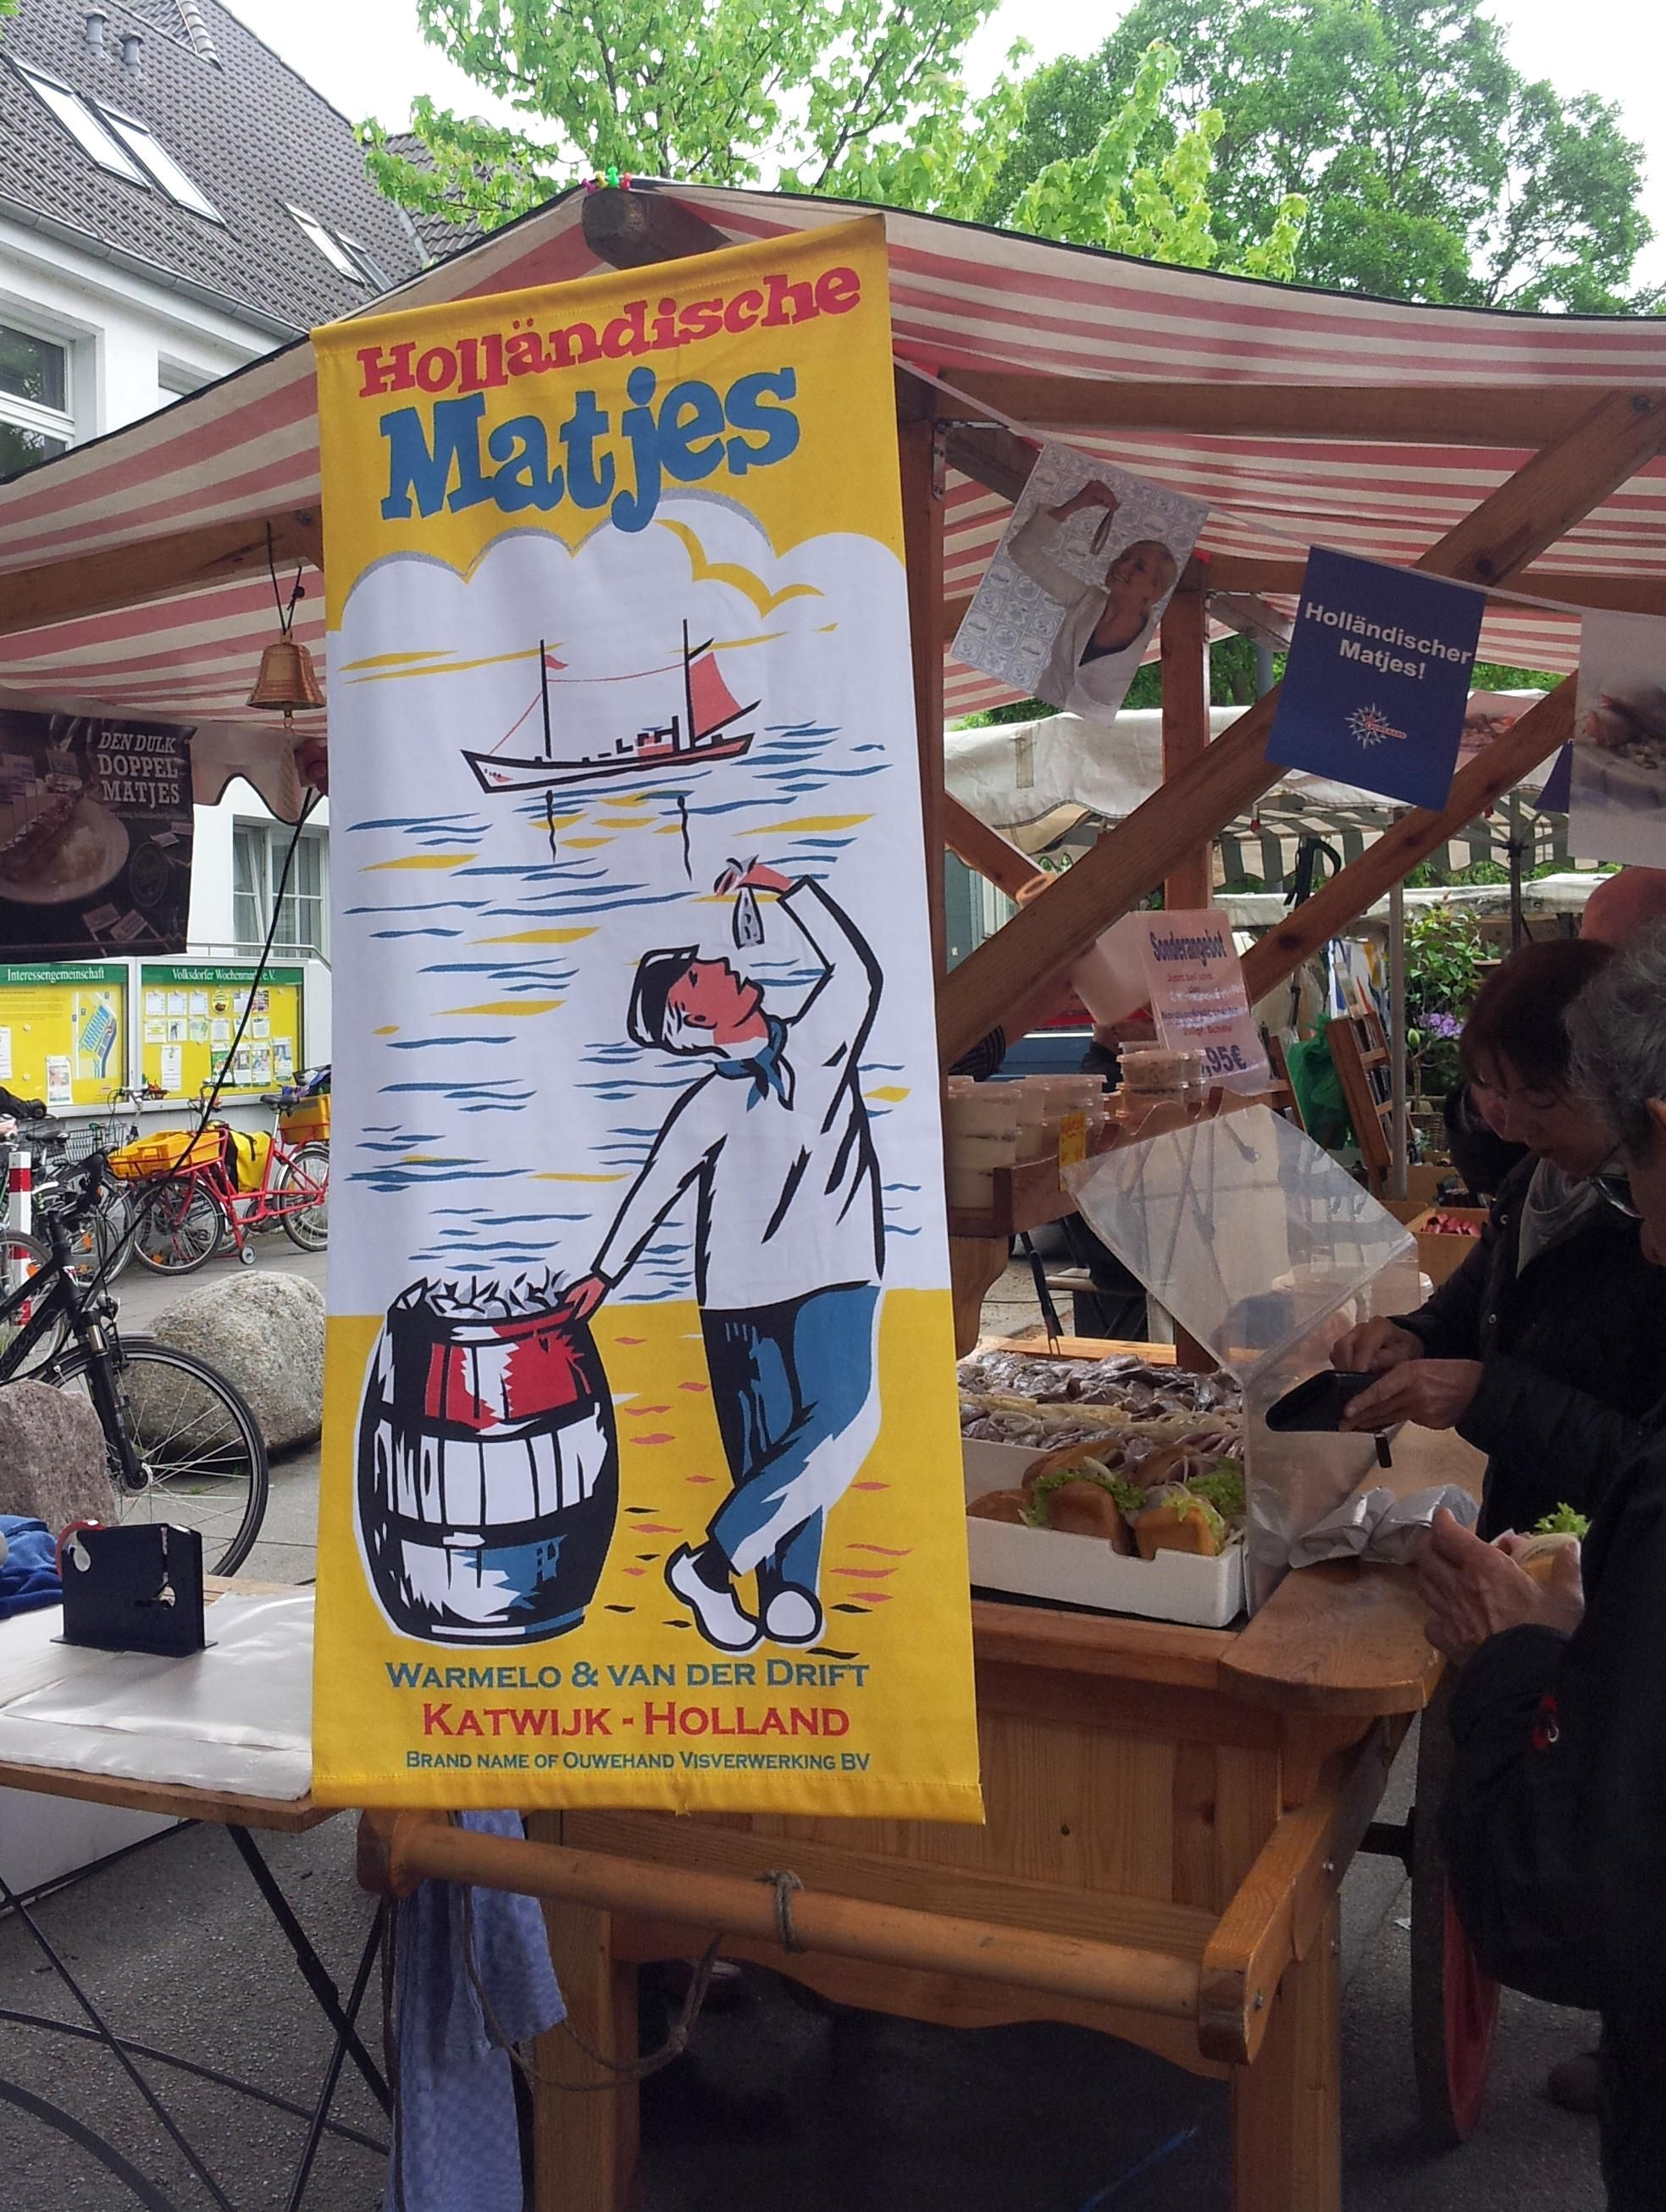 Matjes-Saisonstart 2015 Der neue Matjes aus Holland ist auf dem Wochenmarkt in Hamburg Volksdorf angekommen